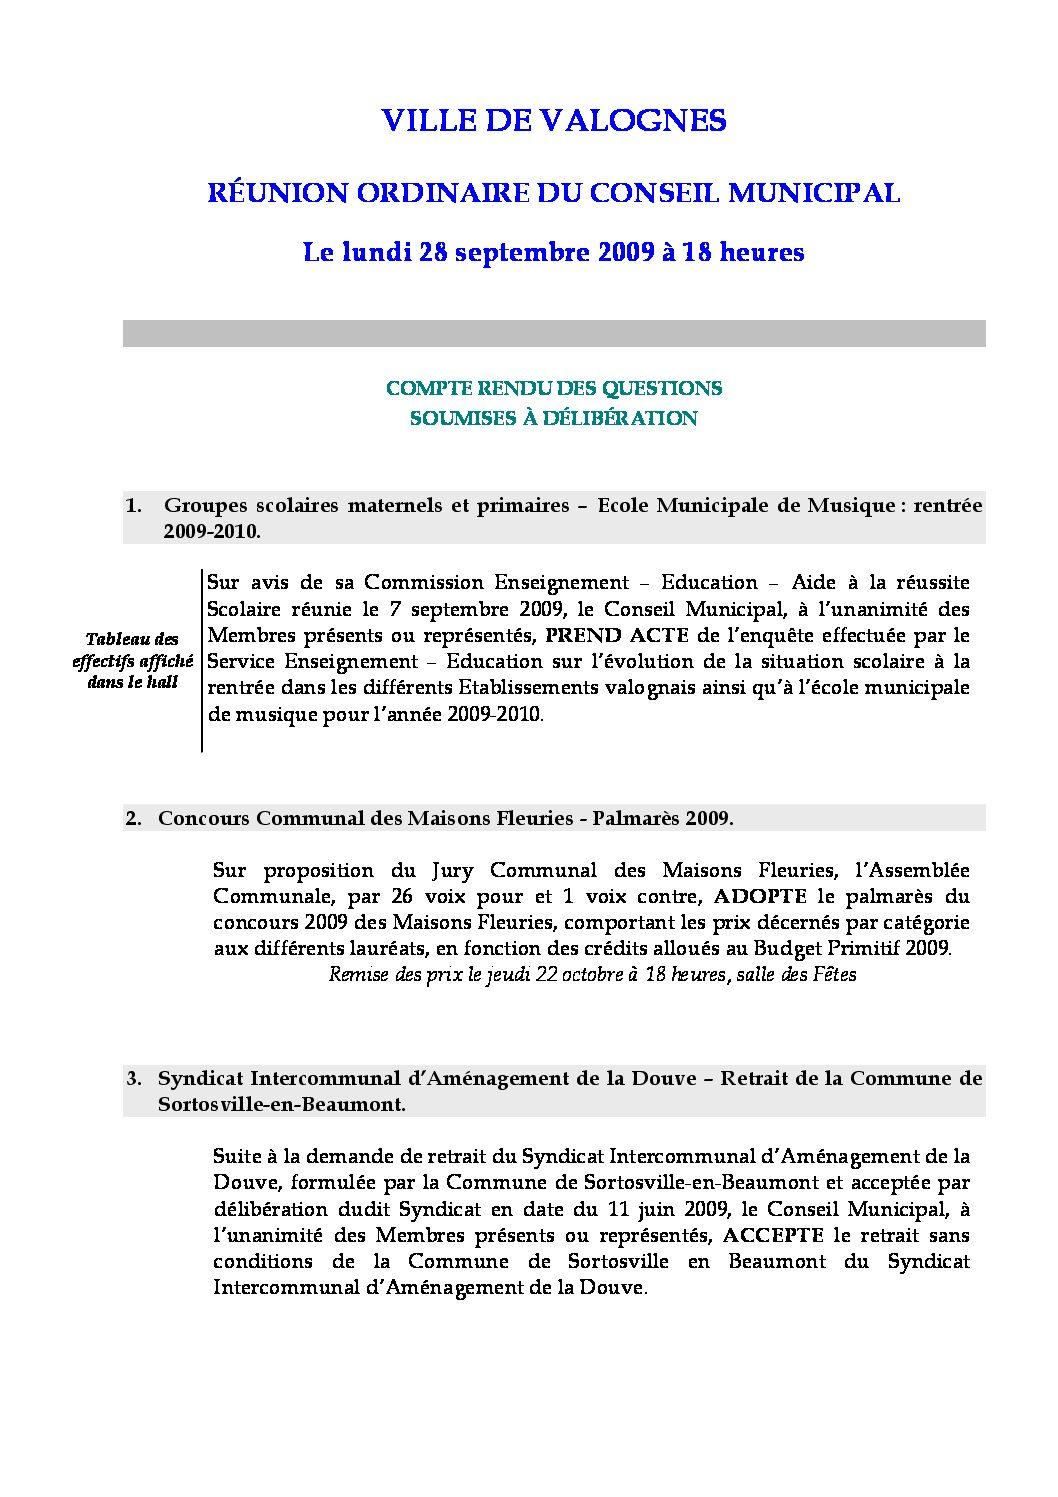 Extrait du registre des délibérations du 22-09-2009 - Compte rendu des questions soumises à délibération lors de la séance du Conseil Municipal du 28 septembre 2009.